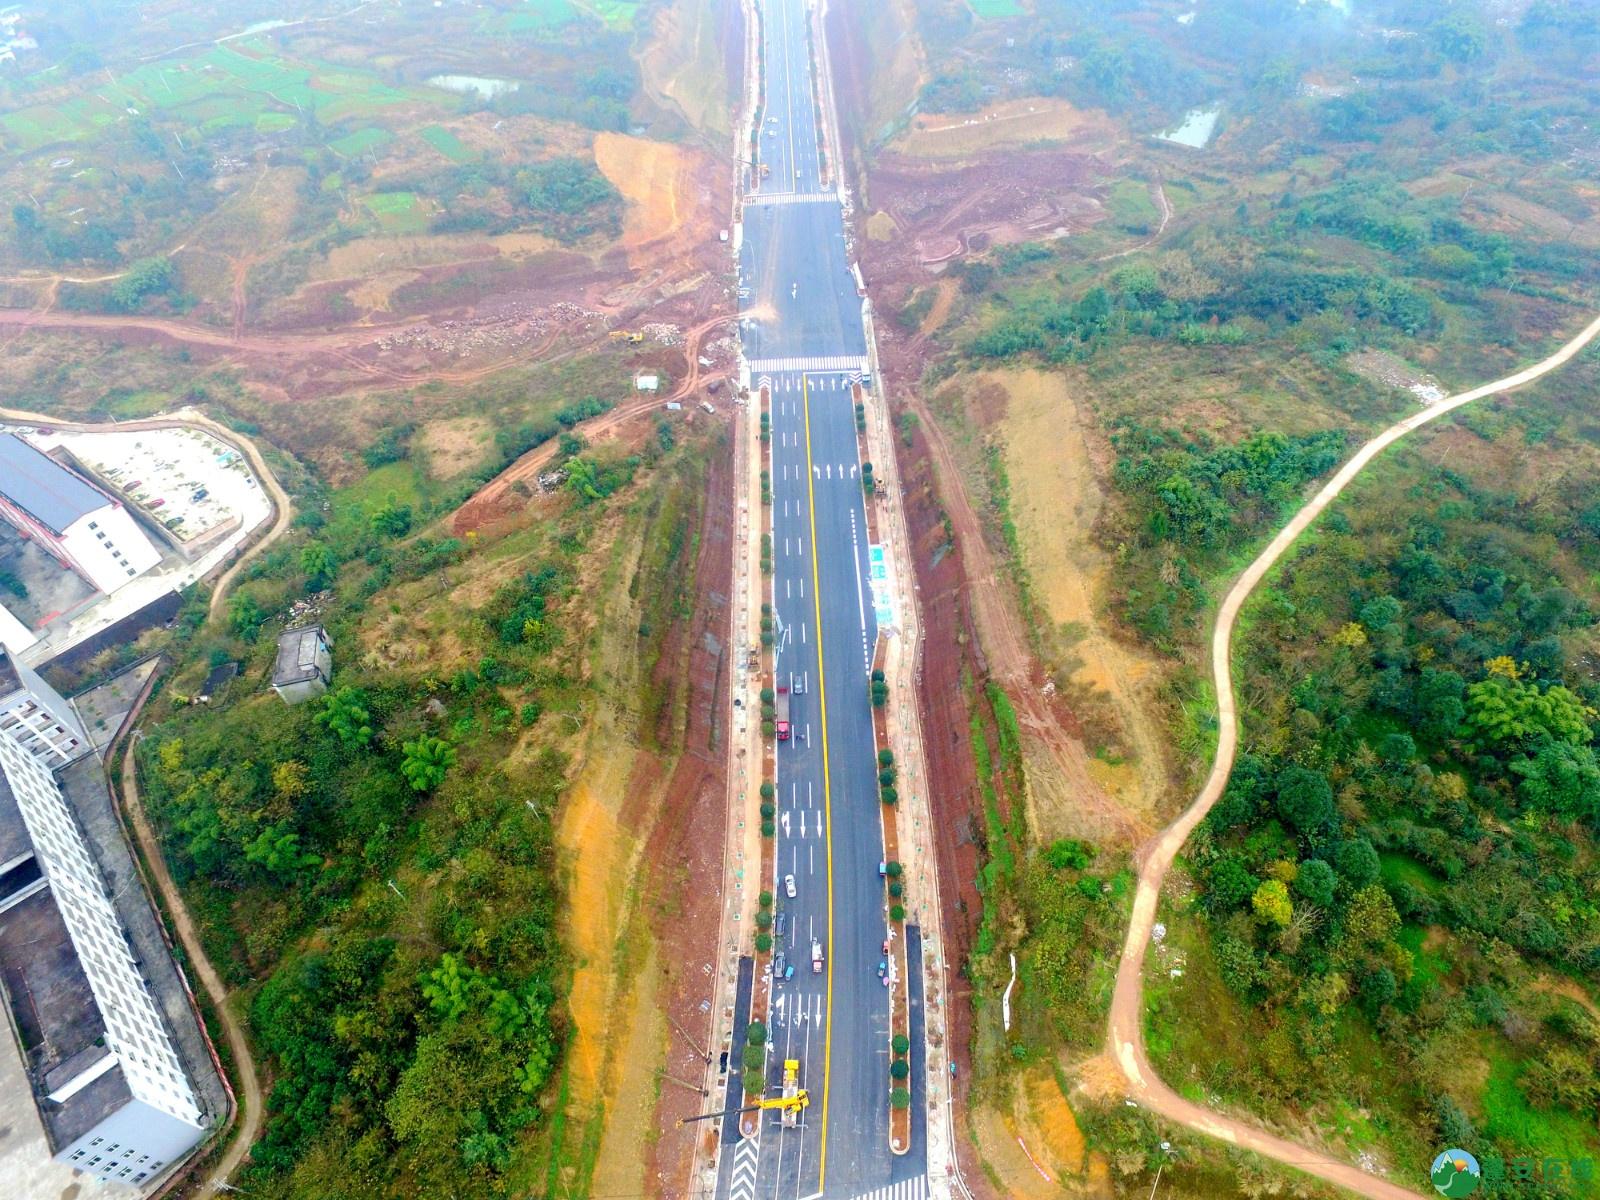 蓬安县凤凰大桥西延线、燕山大道、锦屏干一道、抚琴大道交通要道最新进展!(2019.12.24) - 第26张  | 蓬安在线